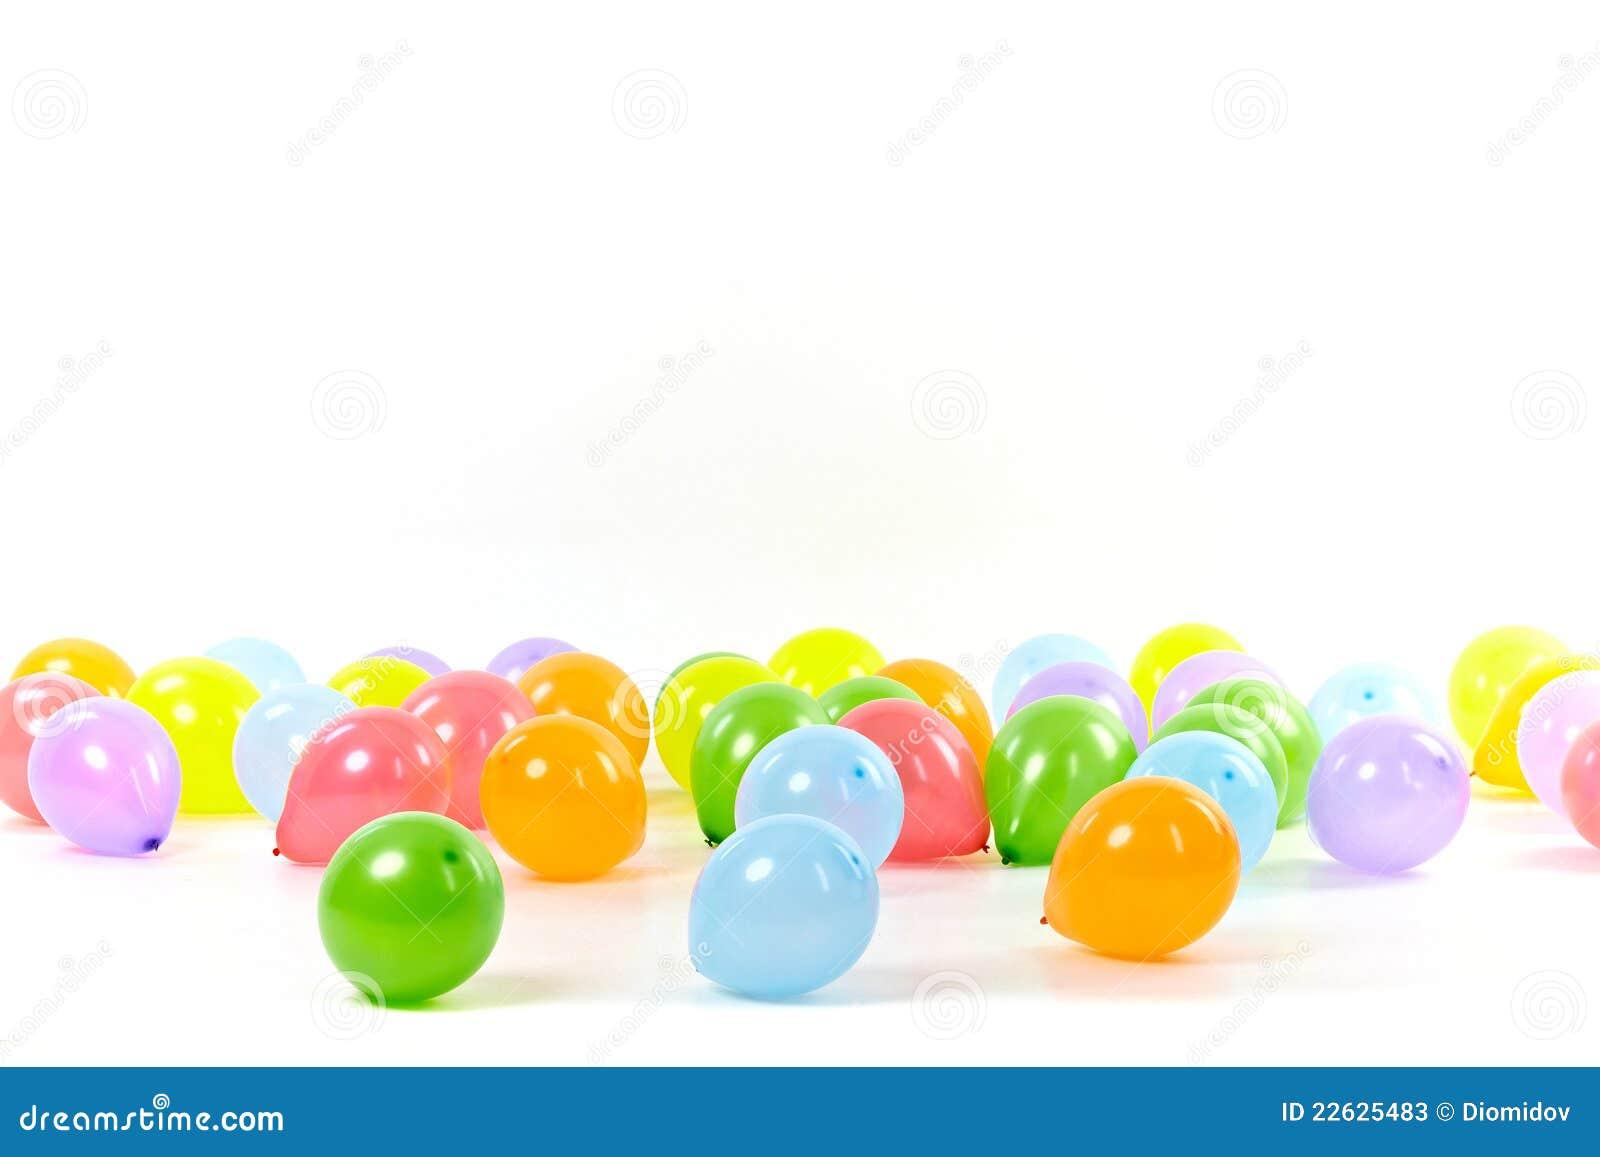 balloons white background - photo #29